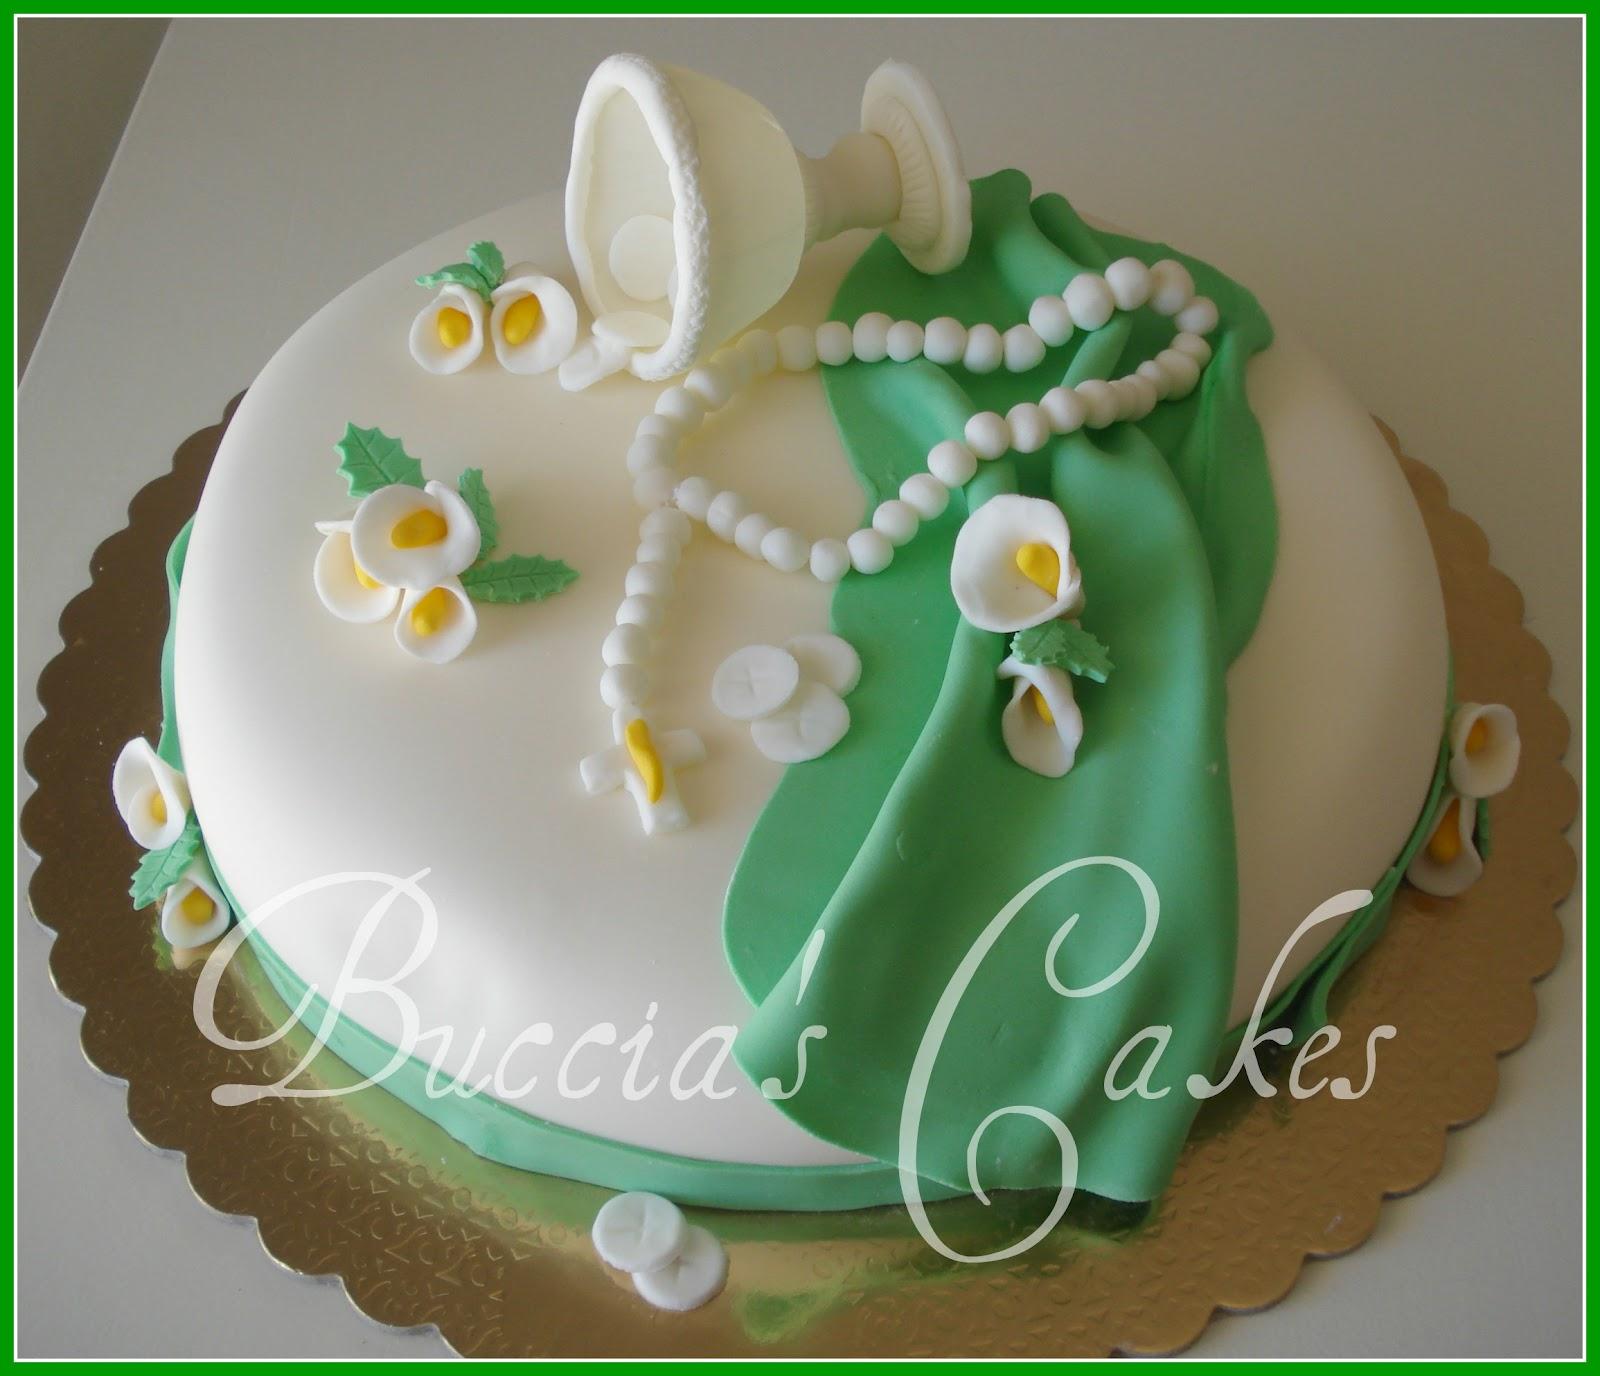 Buccia 39 s cakes torta cresima - Decorazioni per cresima ...